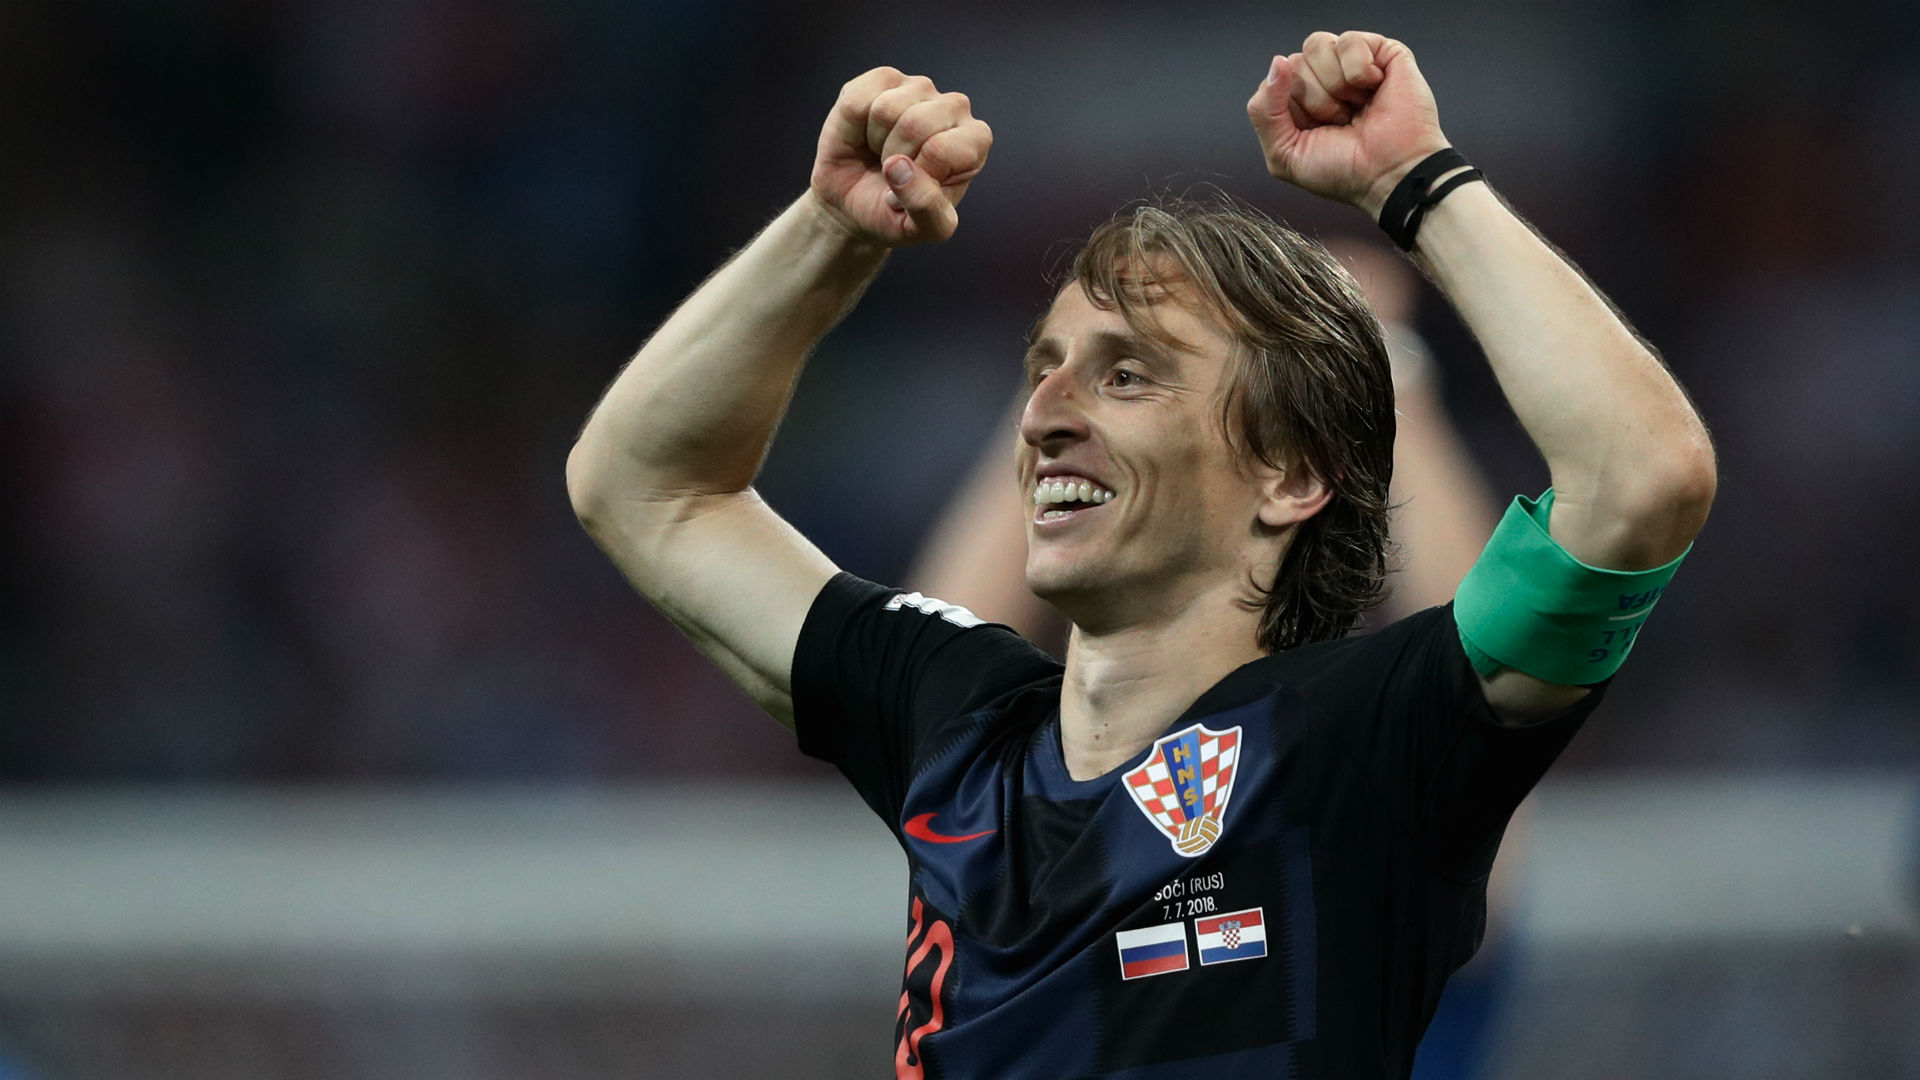 LUKA MODRIC, el hijo de la guerra - Página 2 Luka-modric-russia-croatia-world-cup-07072018_1dbcs31bn4rc11kili9ownc7zt